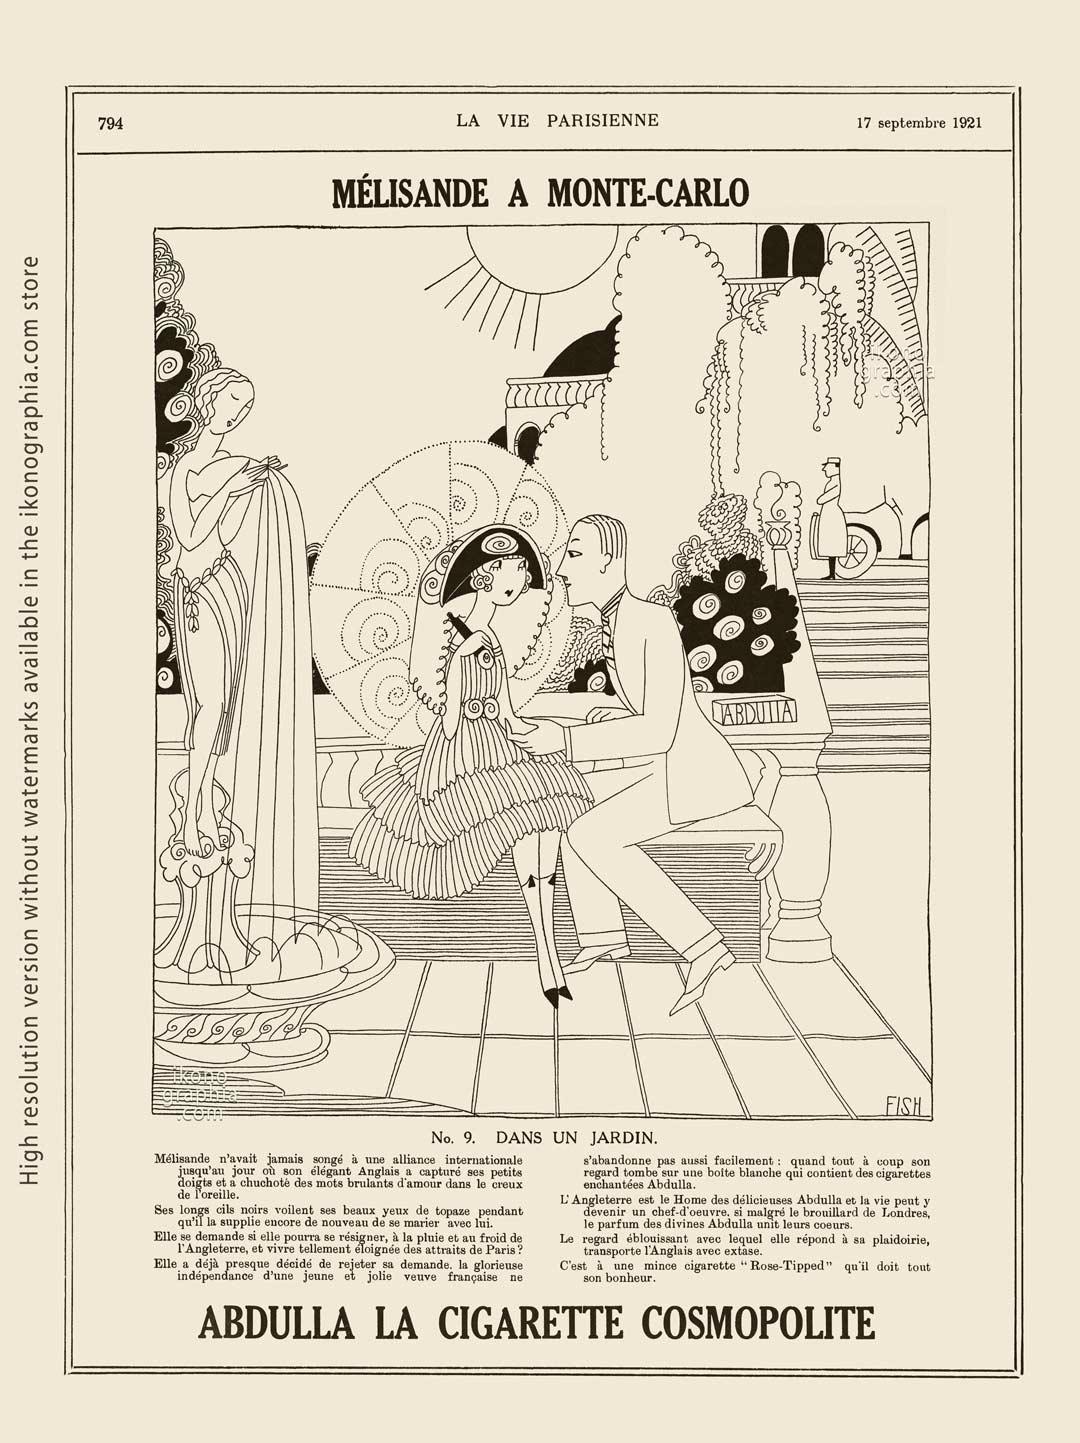 Abdulla Cigarettes Ad - Melisande at Montecarlo. No. 9. DANS UN JARDIN / IN A GARDEN. La Vie Parisienne. September 17, 1921. Artwork by Anne Harriet Fish.